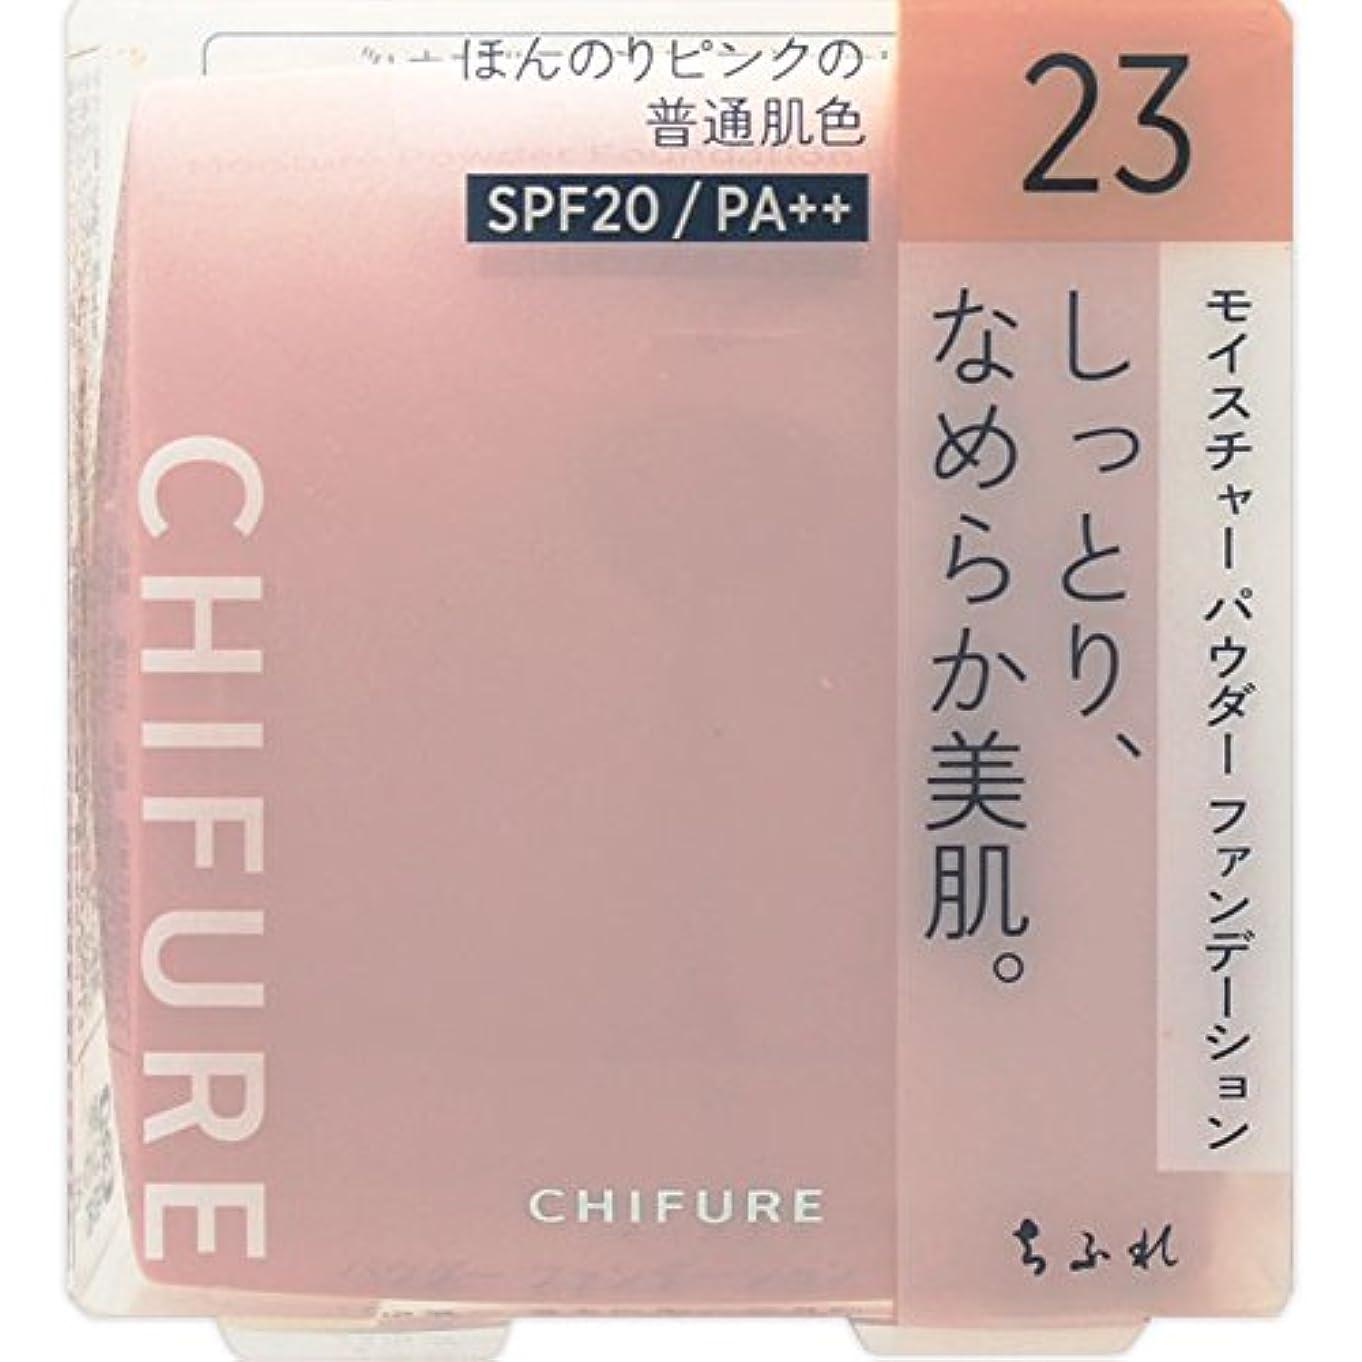 編集するチューリップバストちふれ化粧品 モイスチャー パウダーファンデーション(スポンジ入り) 23 ピンクオークル系 MパウダーFD23